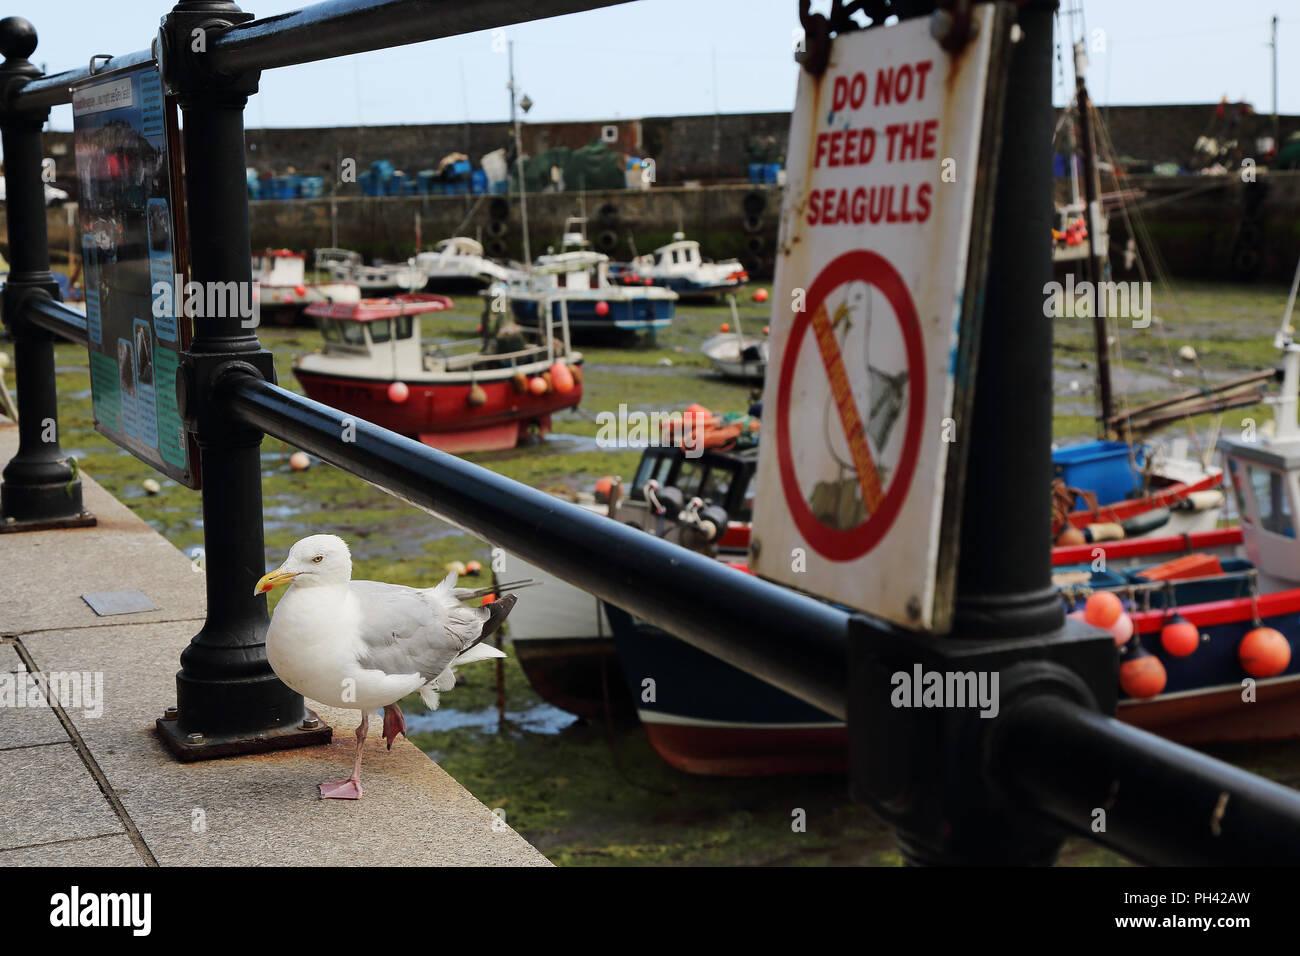 Un gabbiano sorge da un bando che vieta la somministrazione di tali uccelli nel porto di Mevagissey, Cornwall, Regno Unito. Immagini Stock